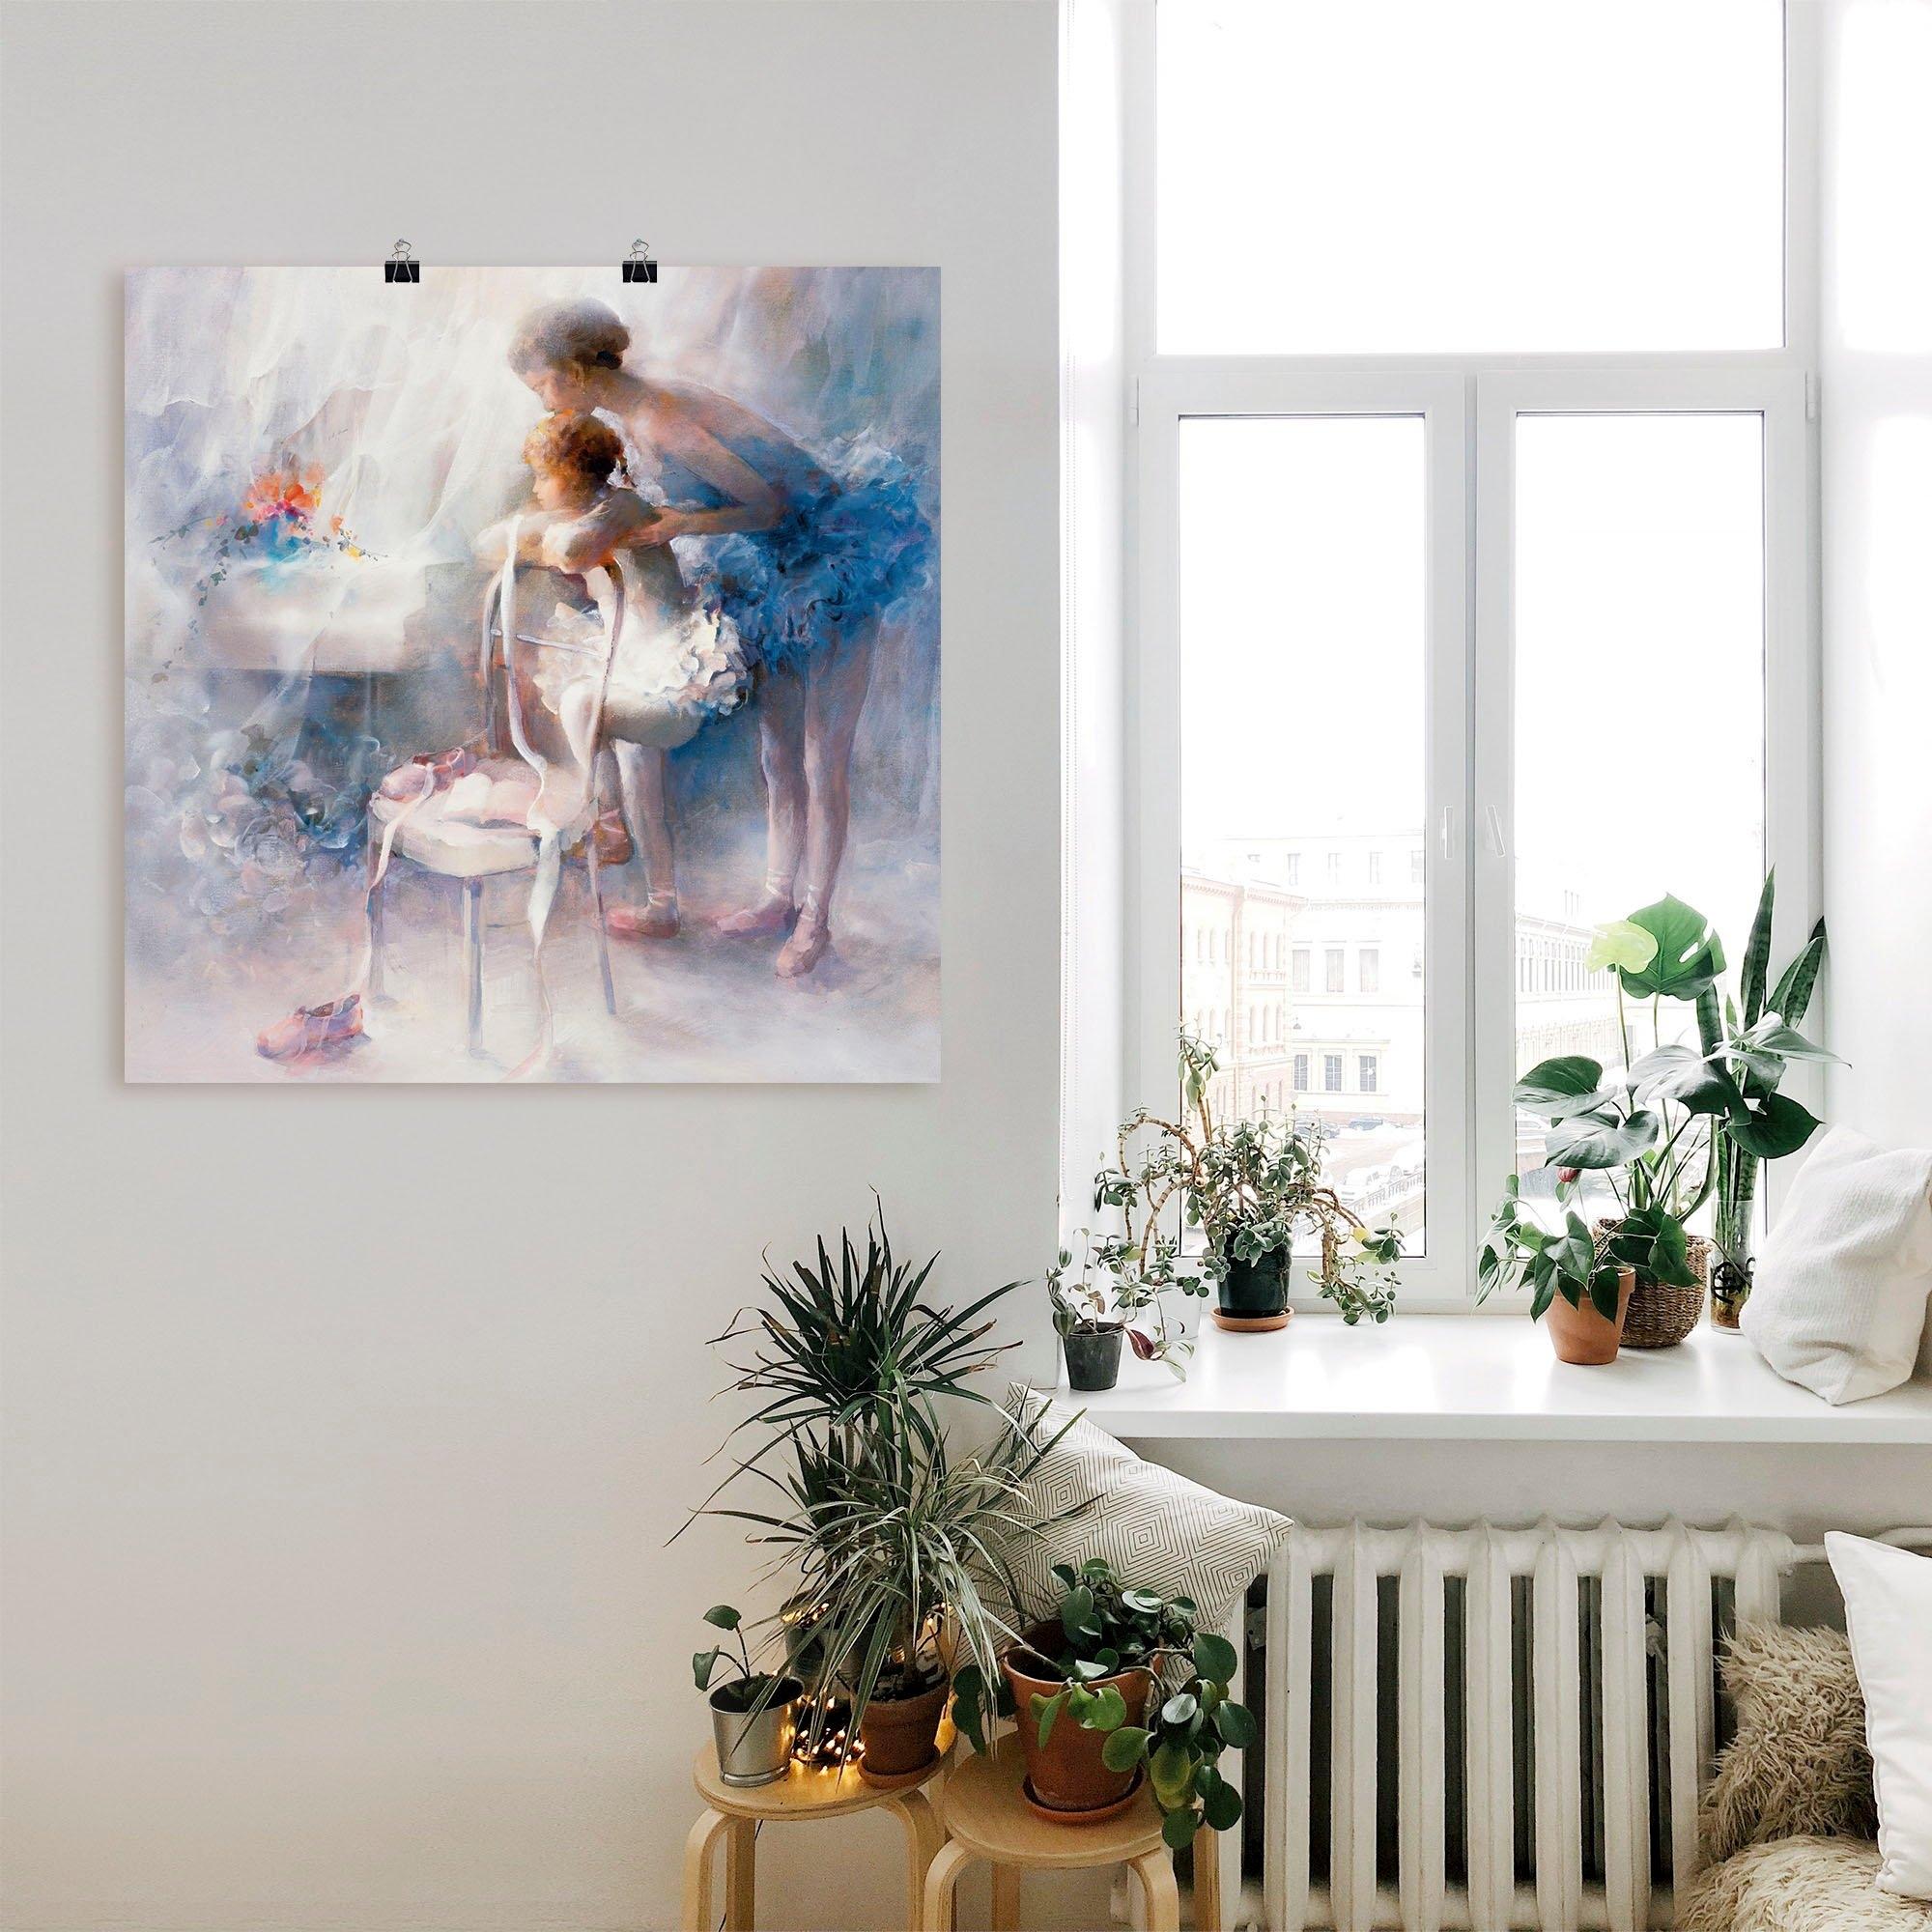 Artland artprint Ballet in vele afmetingen & productsoorten -artprint op linnen, poster, muursticker / wandfolie ook geschikt voor de badkamer (1 stuk) nu online kopen bij OTTO